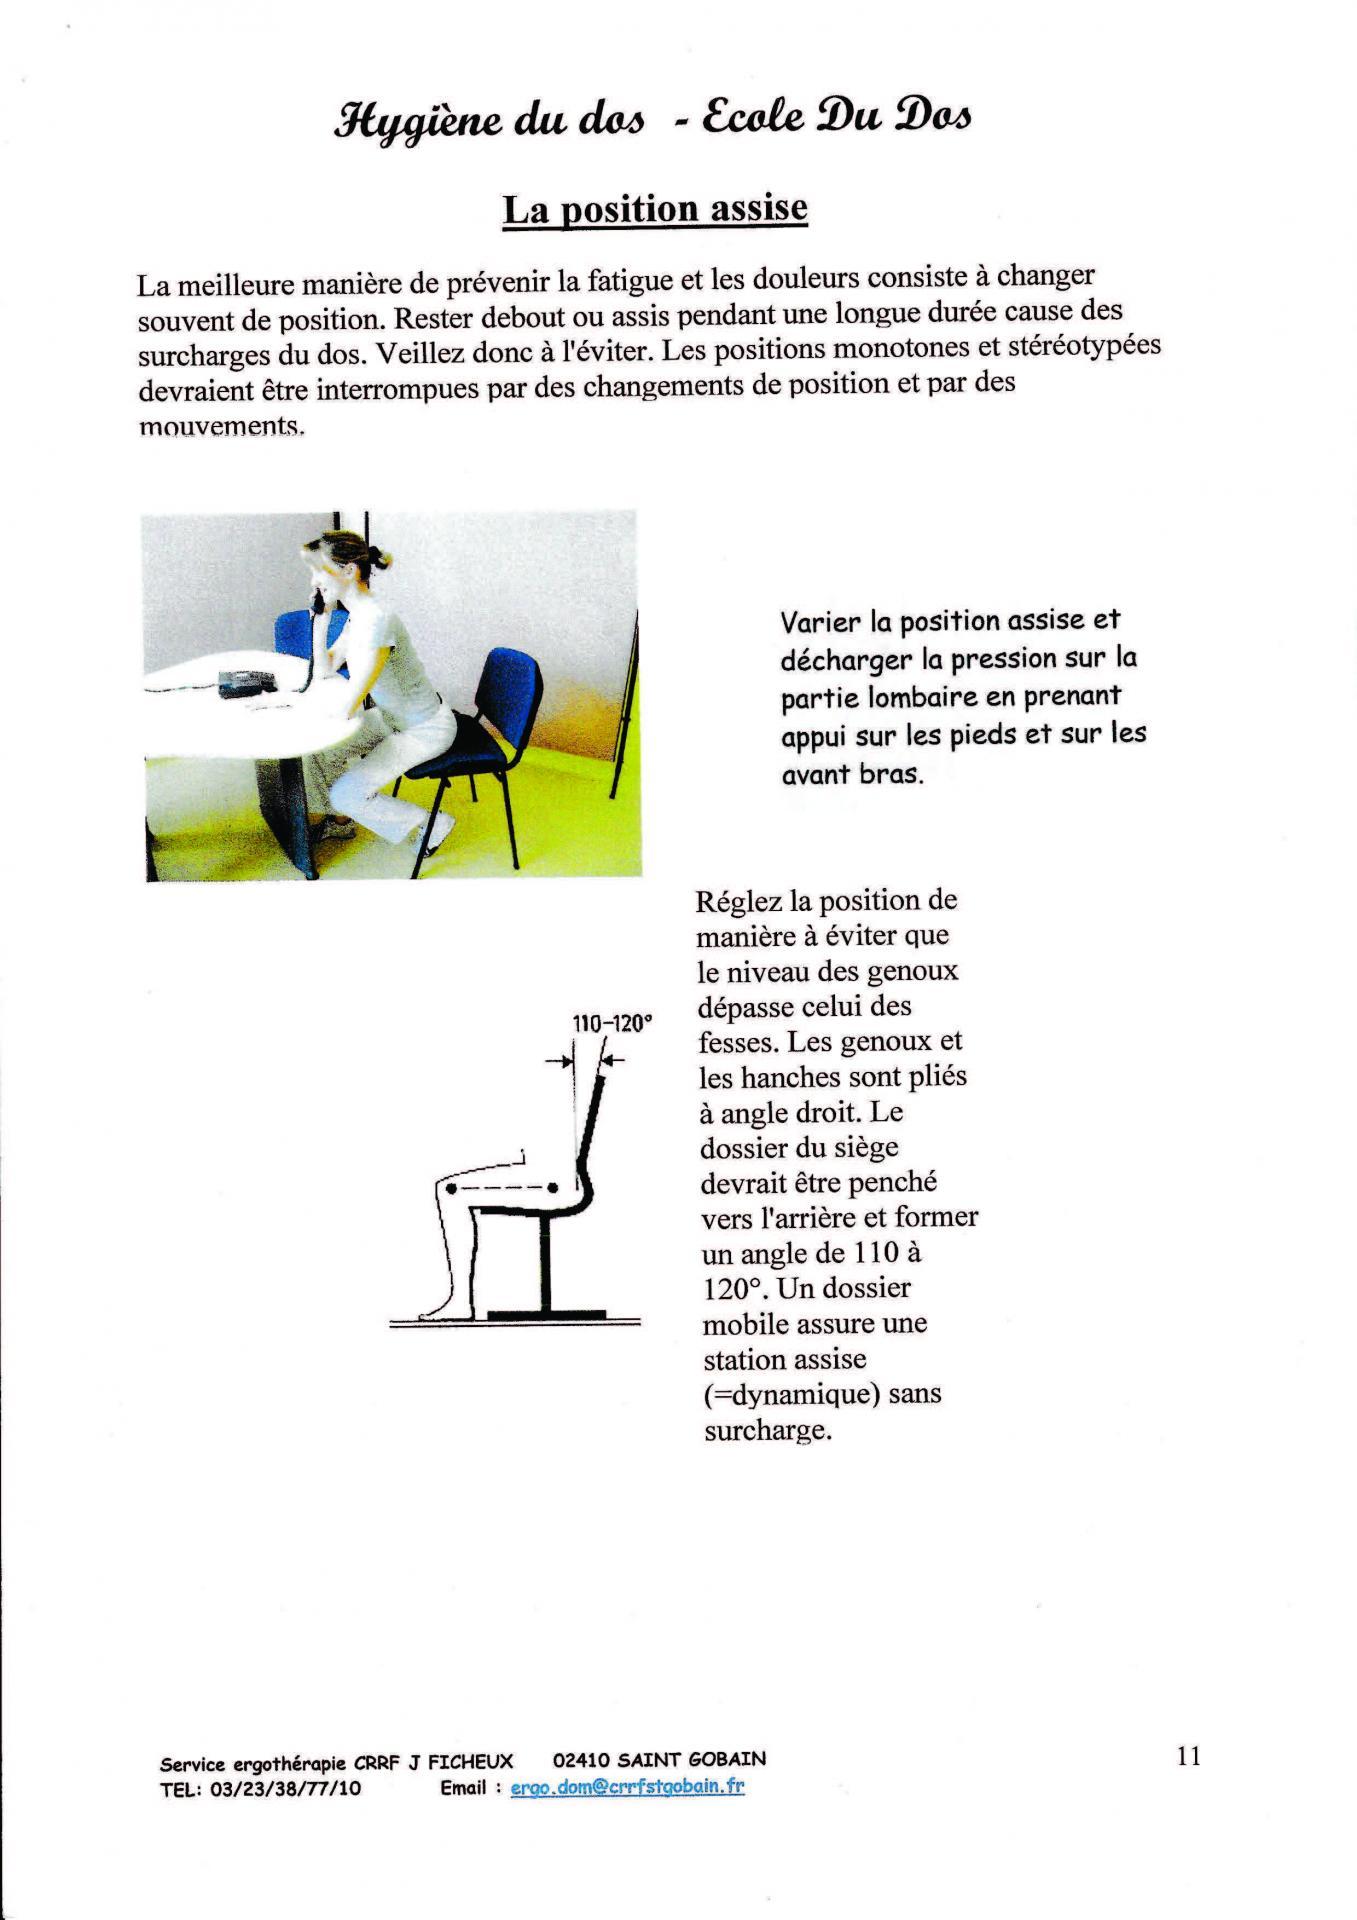 Ecole du dos pdfbis page 11